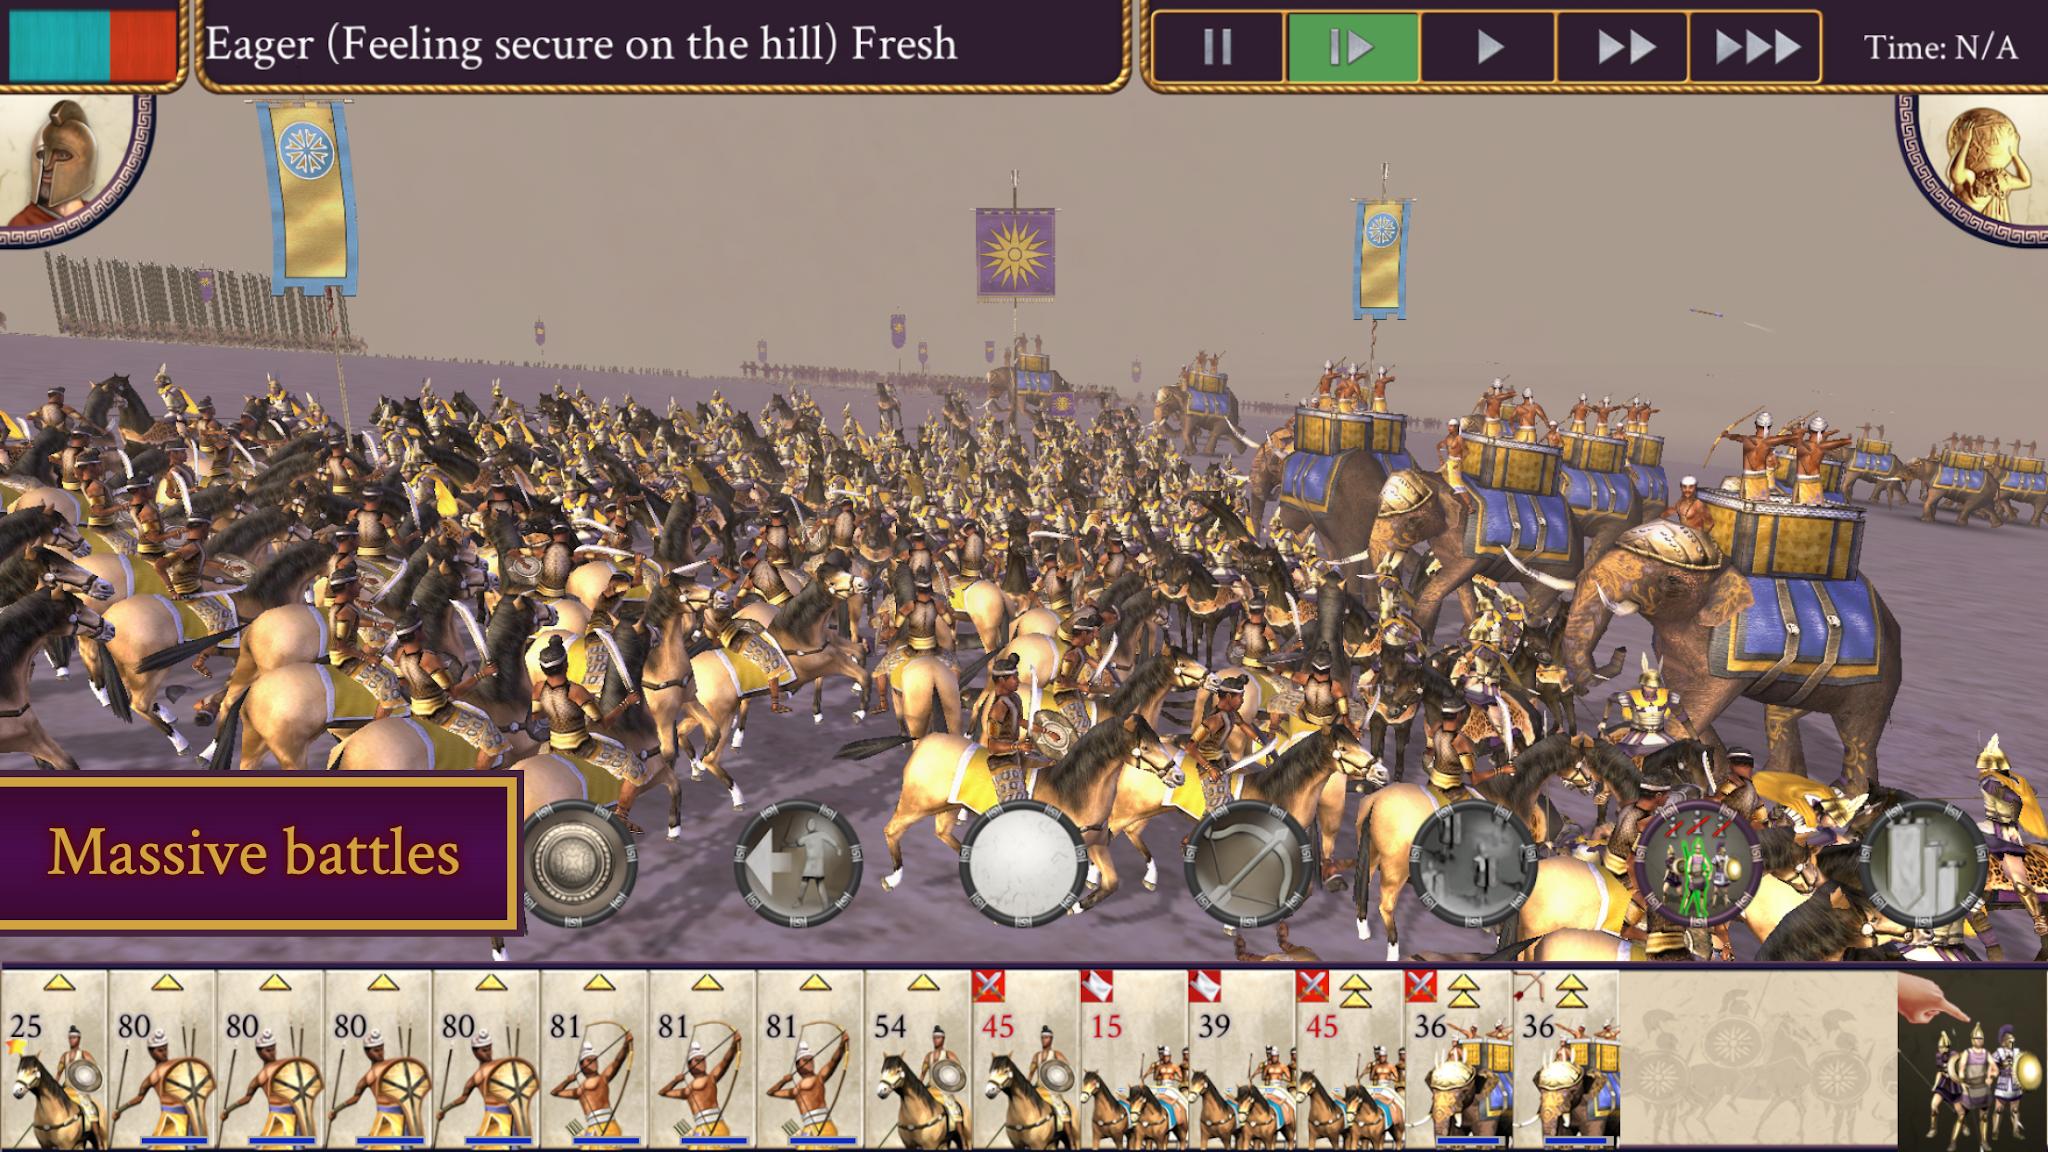 «Rome: Total War - Александр», который доступен на iPad прямо сейчас, наконец-то имеет подтвержденную дату выпуска для устройств iPhone и Android